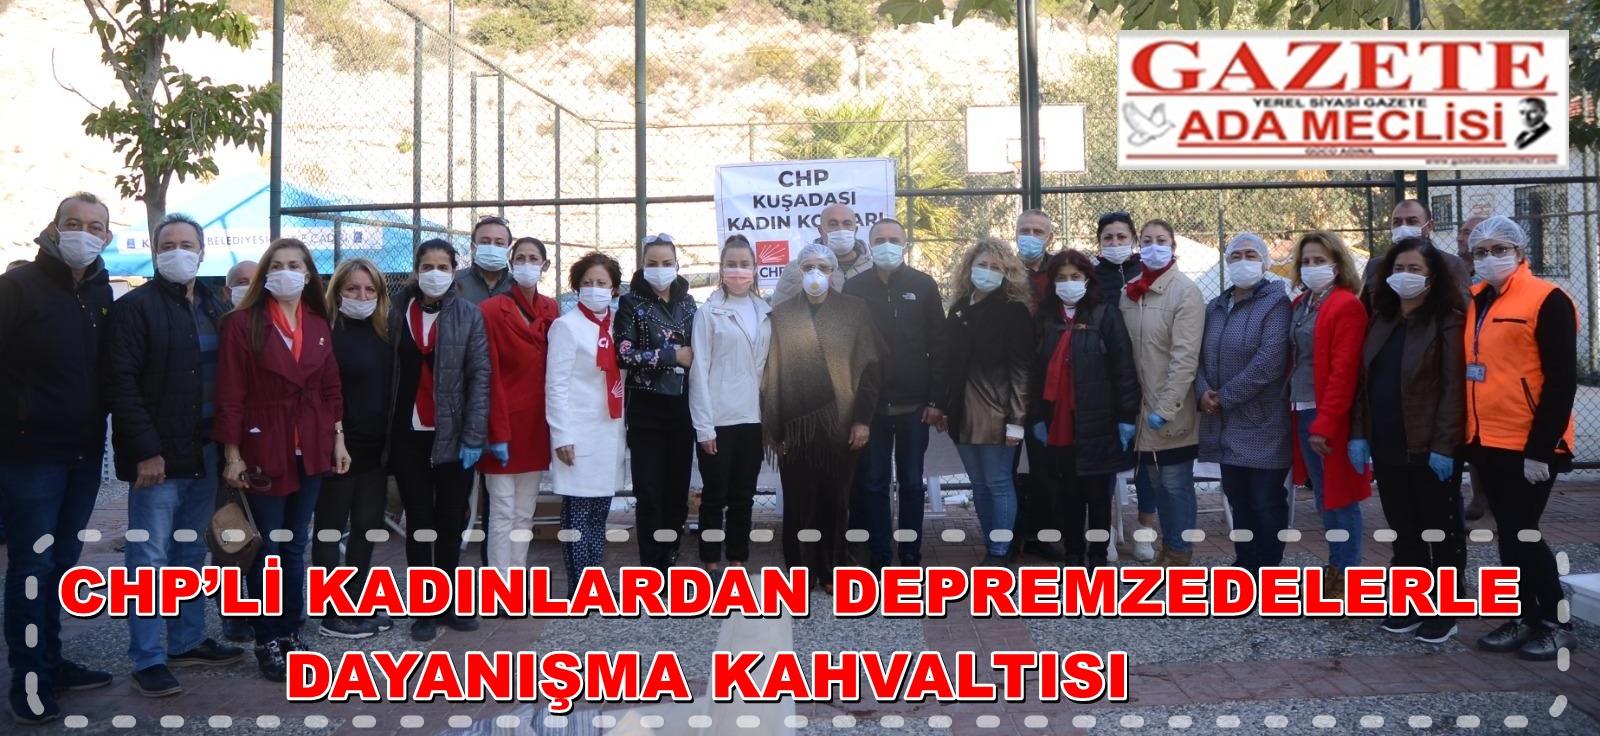 CHP'Lİ KADINLARDAN DEPREMZEDELERLE DAYANIŞMA KAHVALTISI